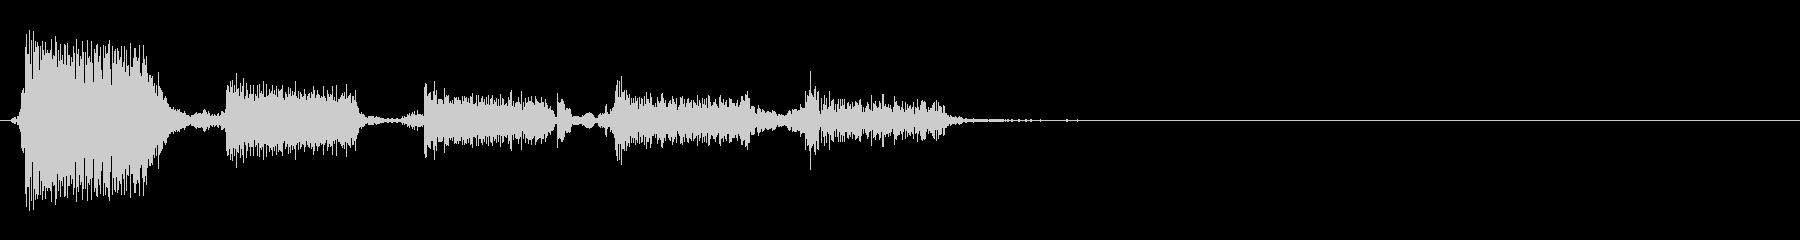 エレキギター:フォーリングダウンア...の未再生の波形